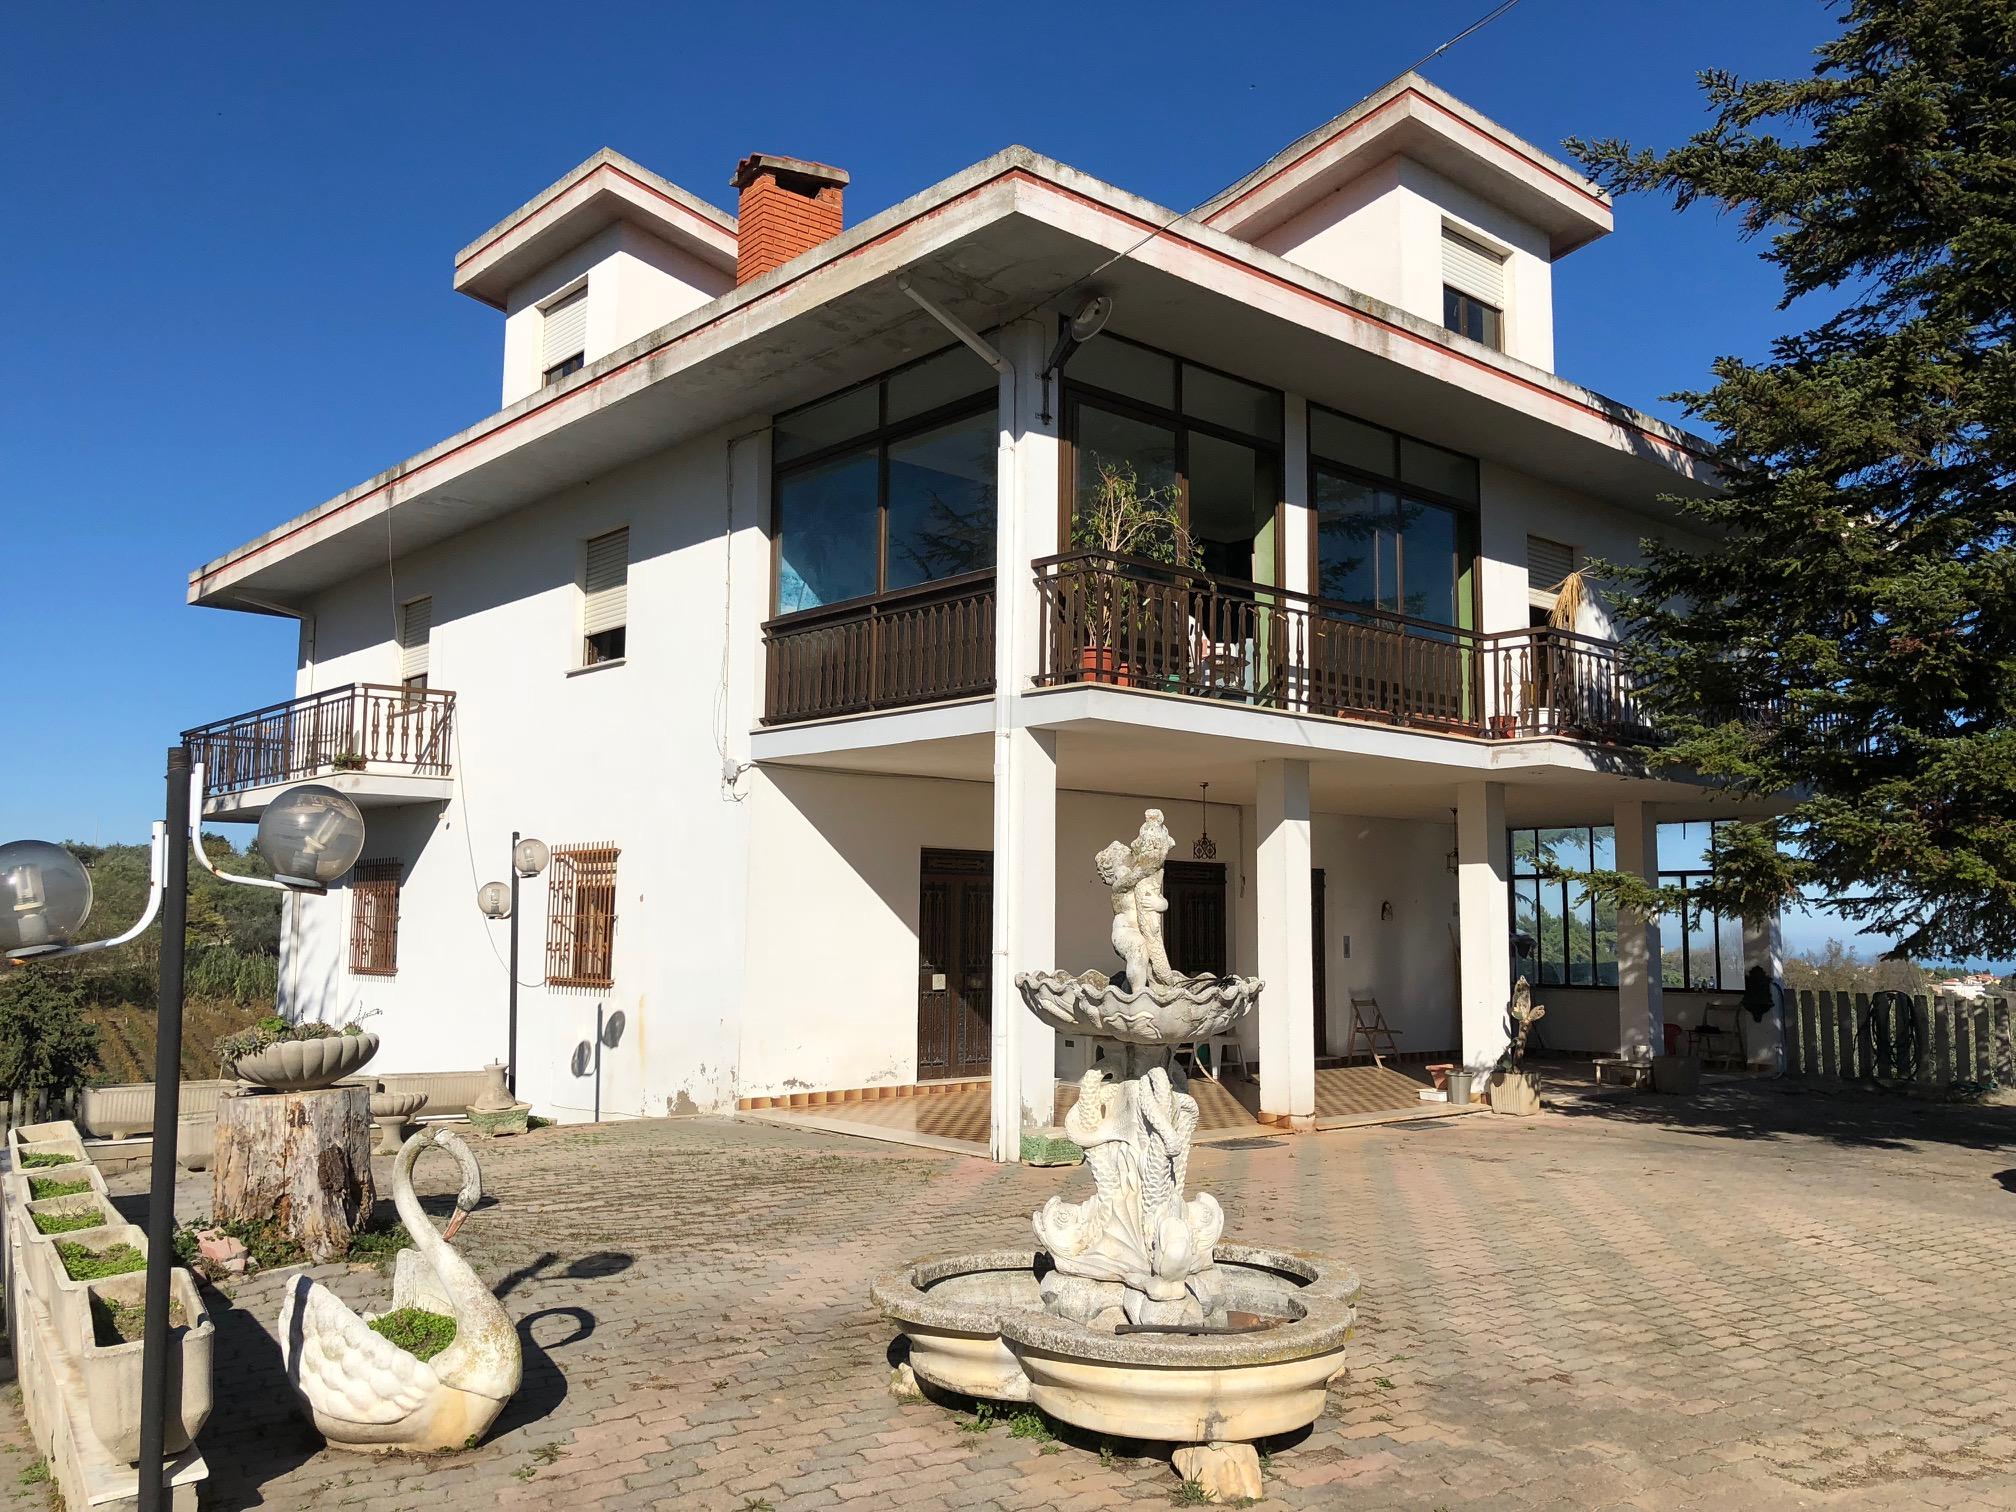 Rif 1107 Casalbordino (CH) – Villa con vista mare – € 250000